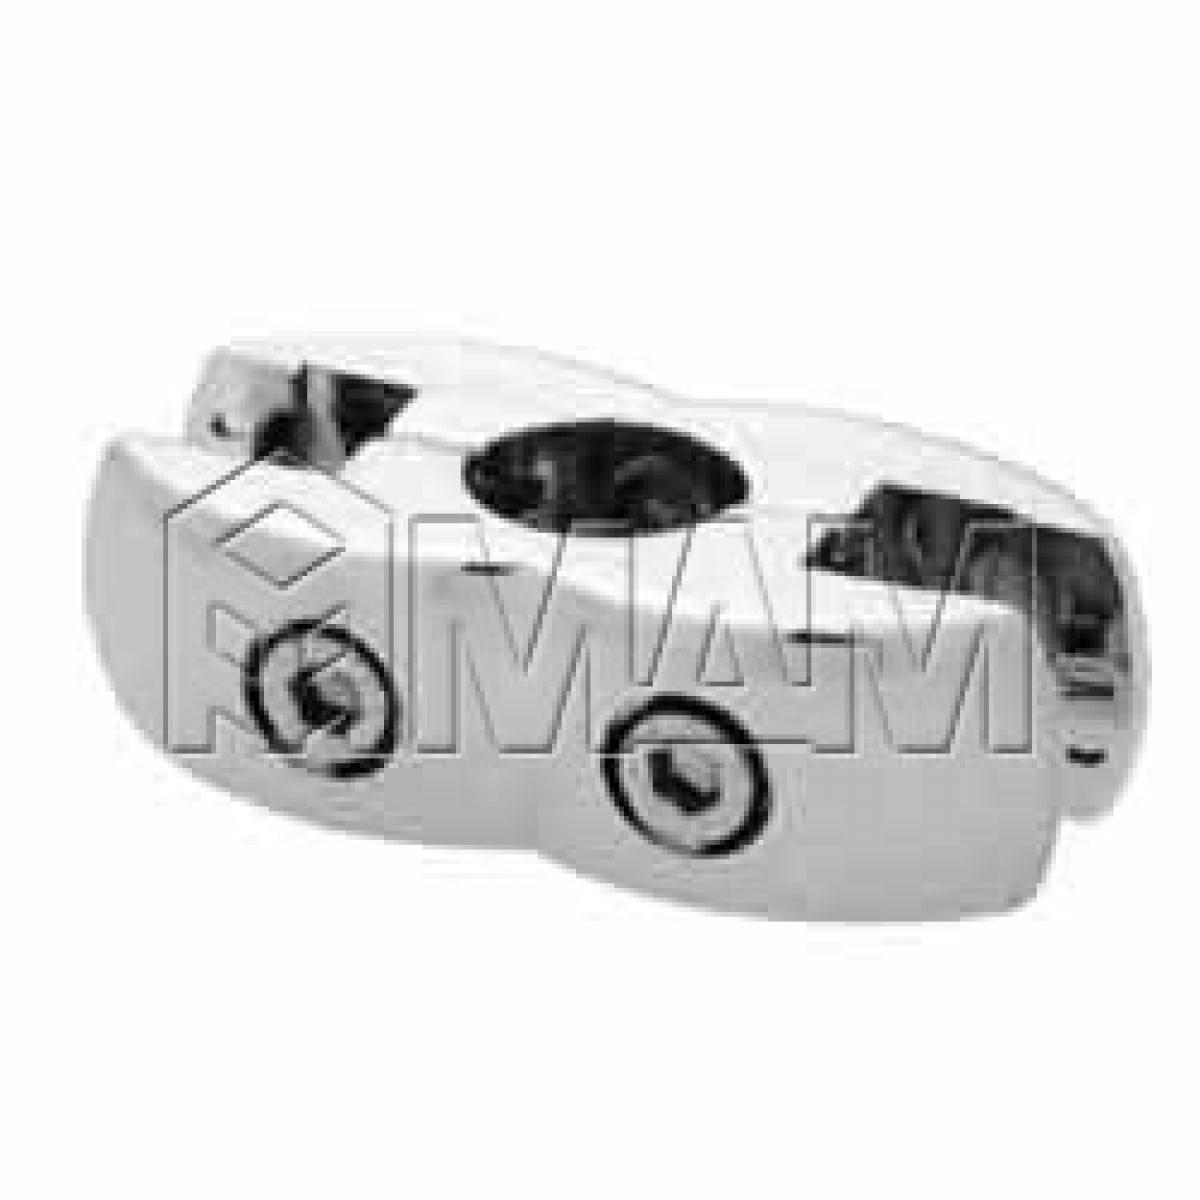 Держатель (для панели и стекла, двусторонний) хром с уплотнителем